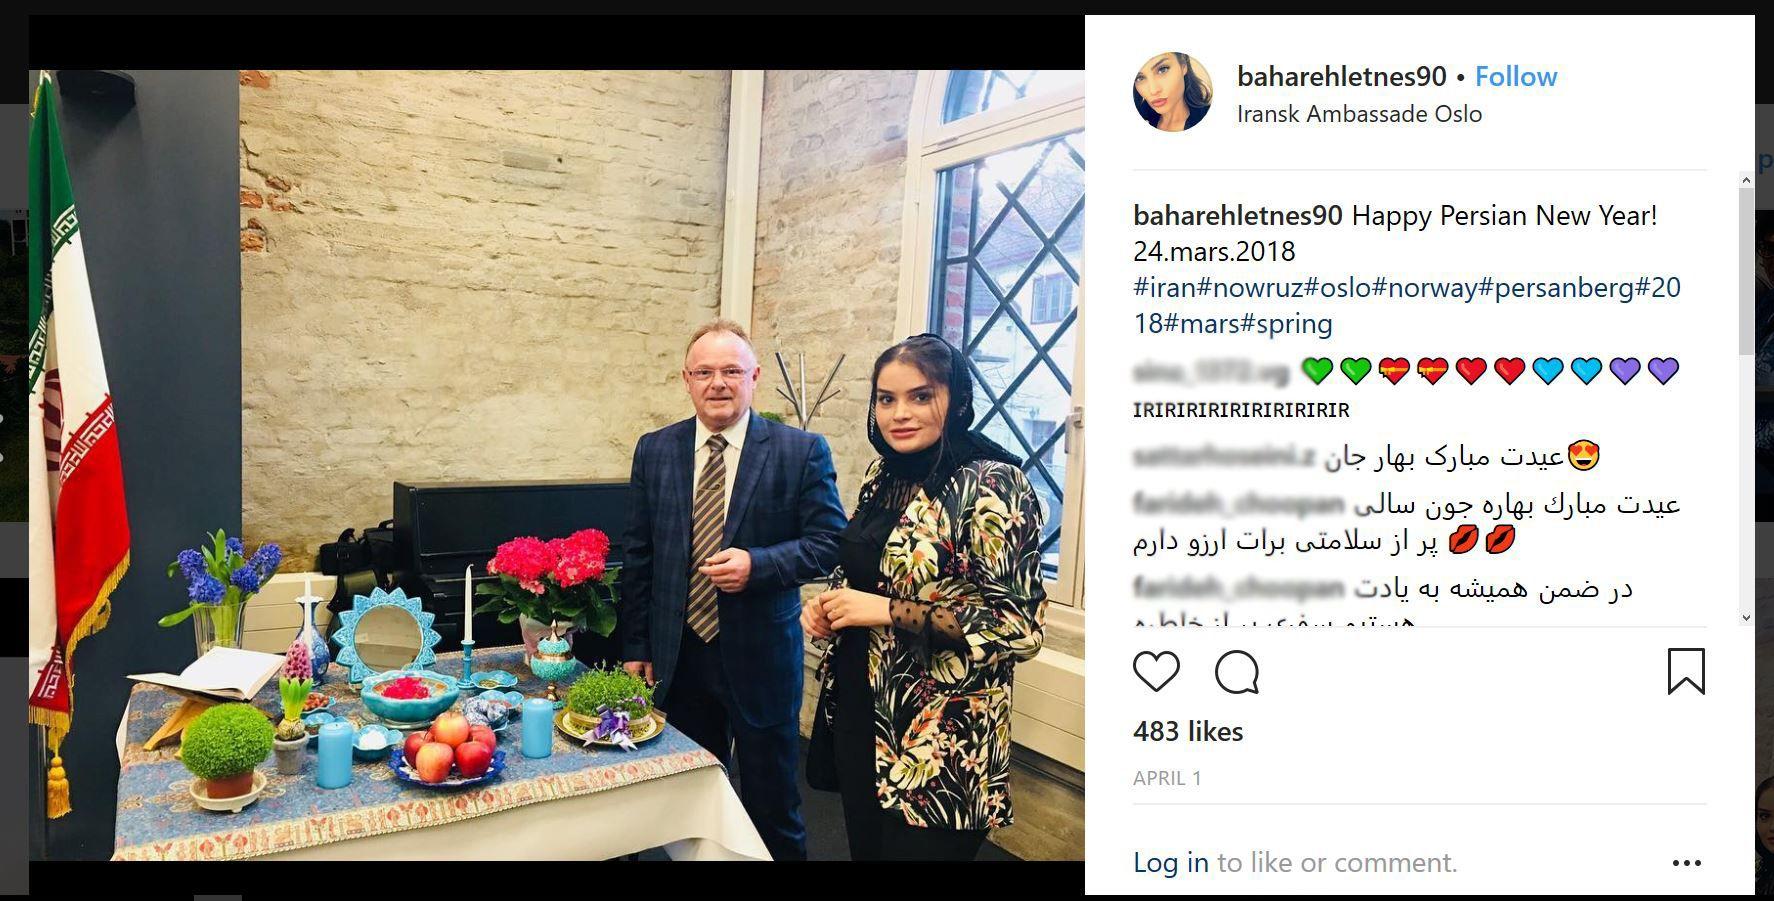 KJÆRESTER: Sandberg bekrefter at han er sammen med Bahareh Letnes (28). De to deltok i mars på en feiring av den iranske markeringen av nyttår, invitert av den iranske ambassaden i Oslo.